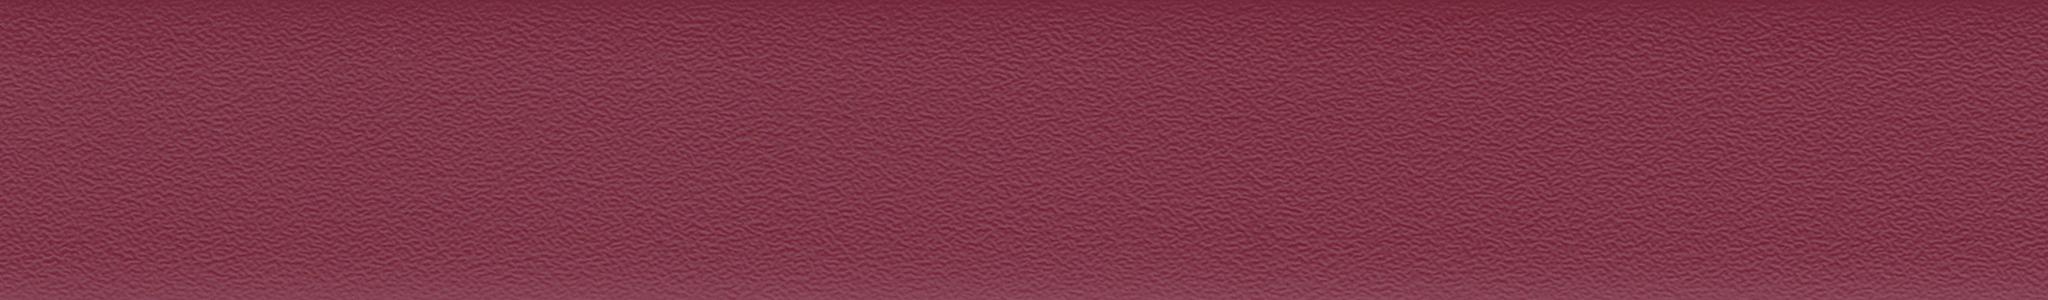 HU 132540 ABS hrana červená tmavá perla 101